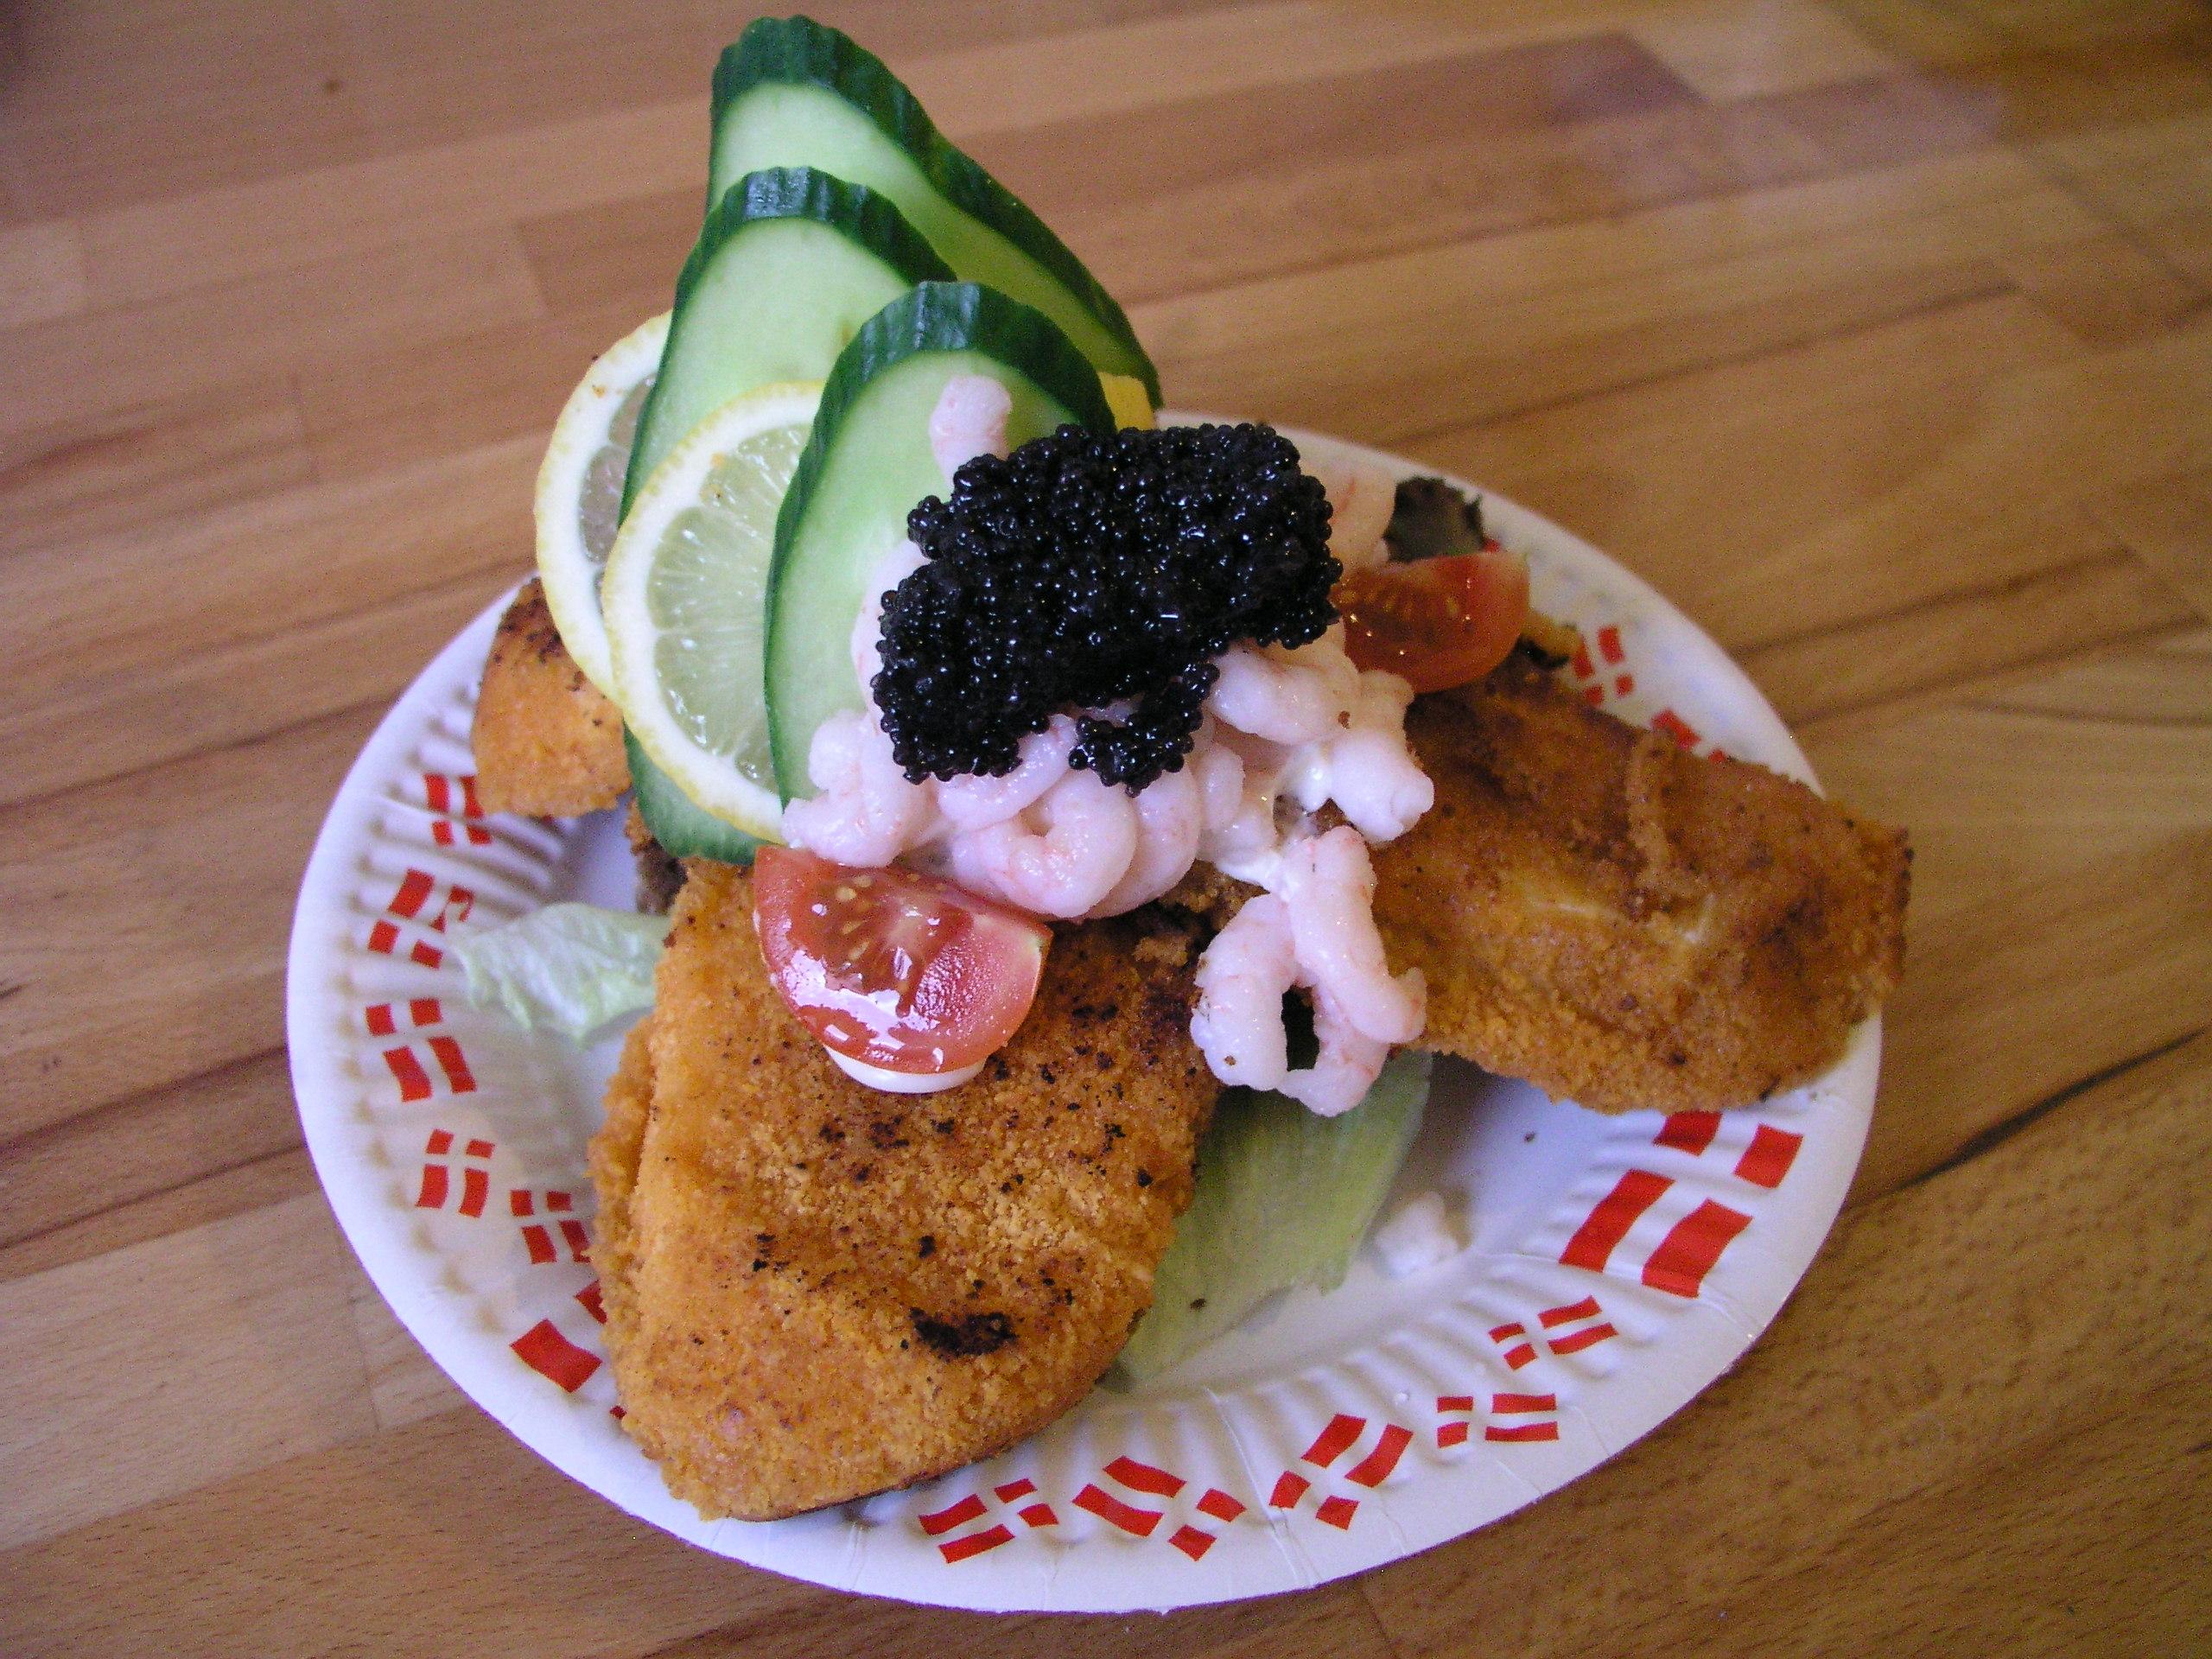 Smørrebrød, Danish Cuisine